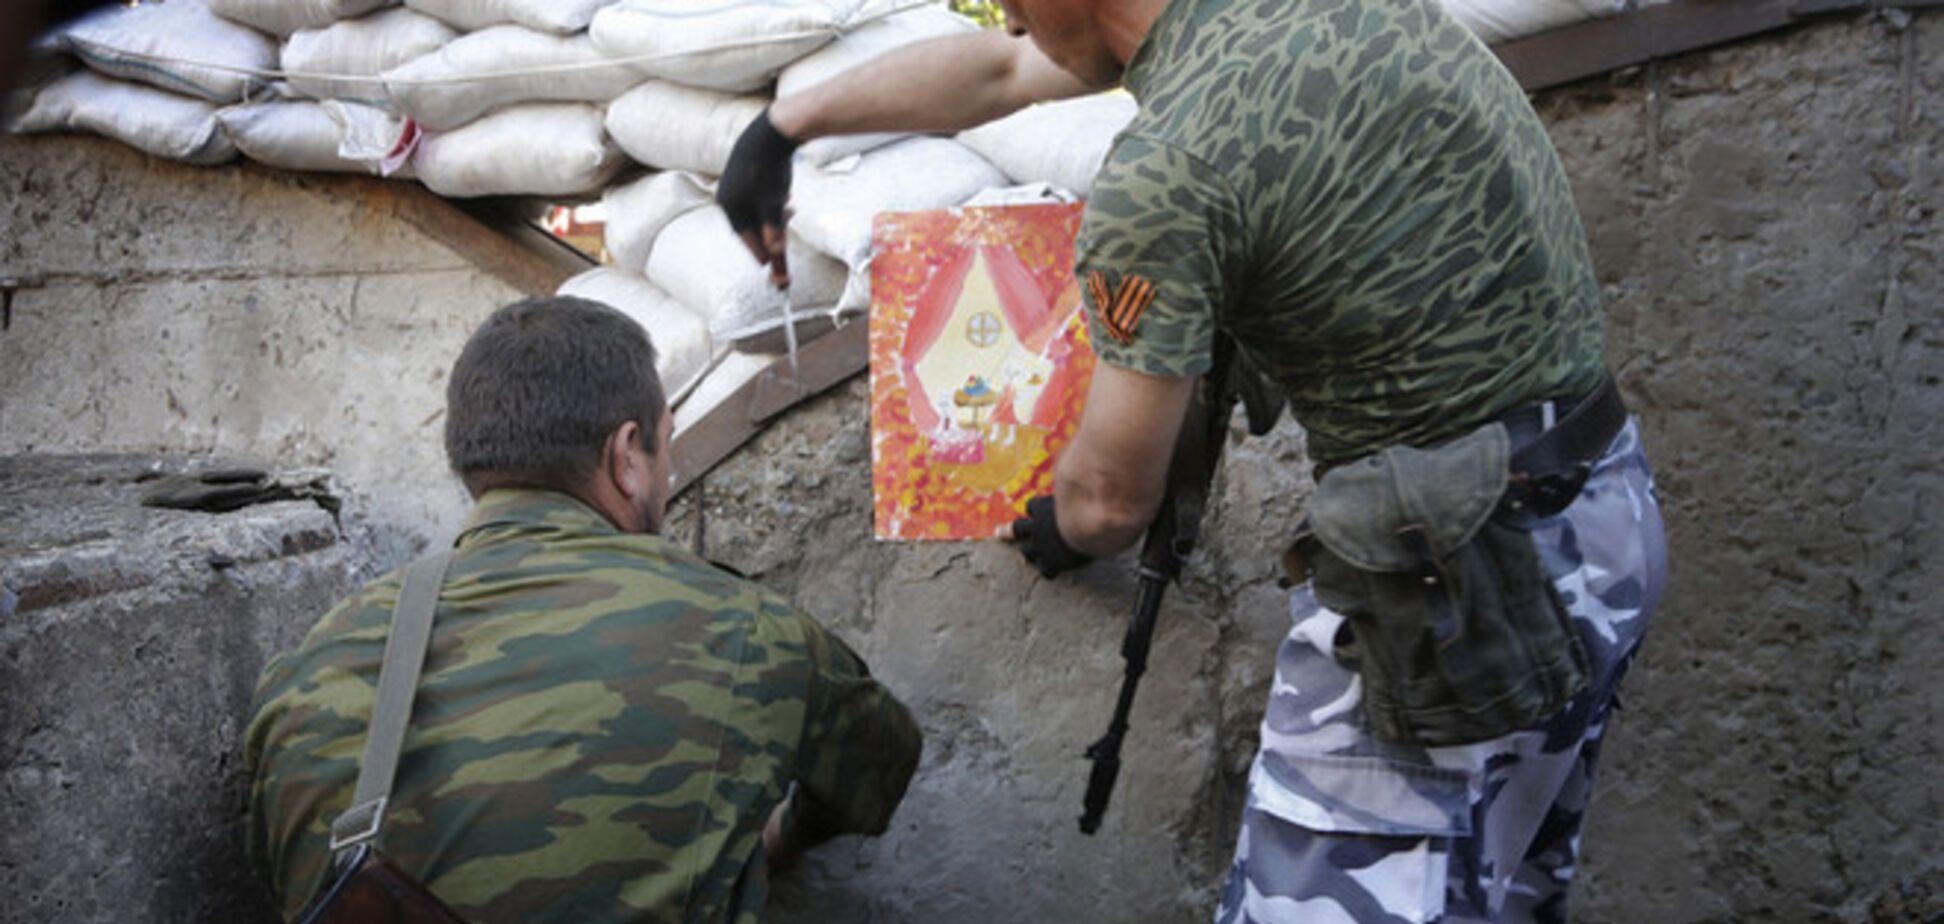 Террористы под прикрытием беженцев и церкви готовят побег в РФ